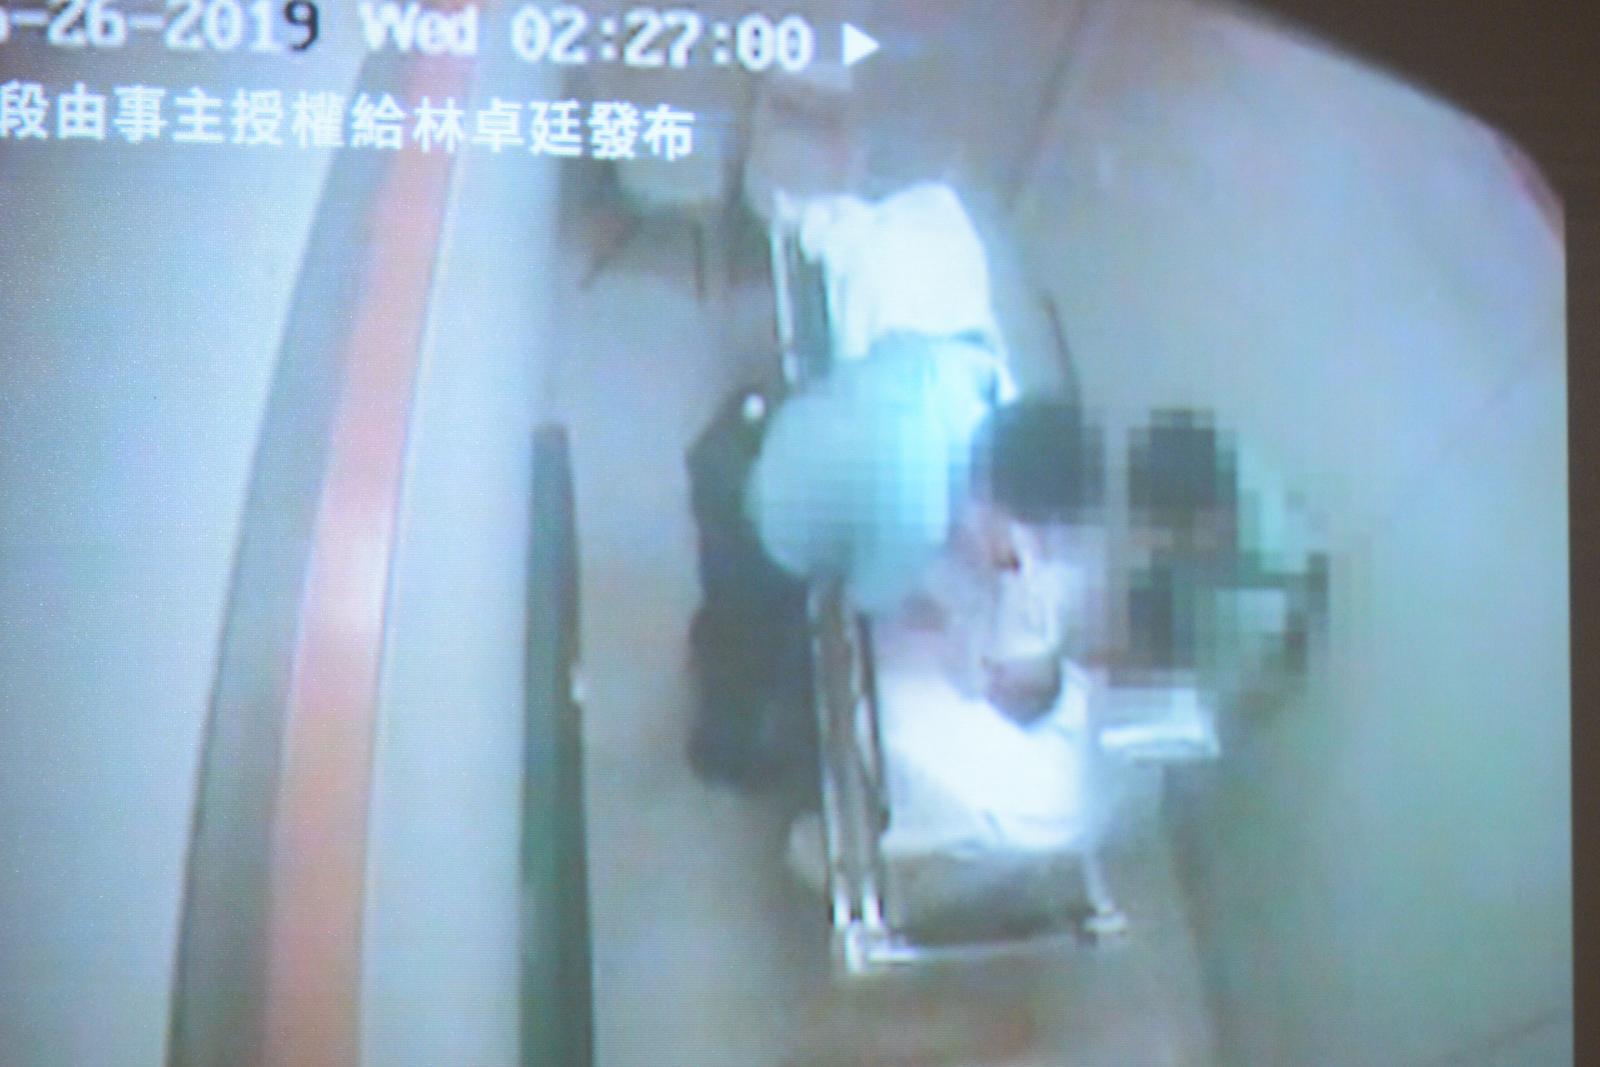 一名62歲男子早前涉嫌襲警被捕後,送往北區醫院拘留期間疑遭警員連環虐打。 資料圖片